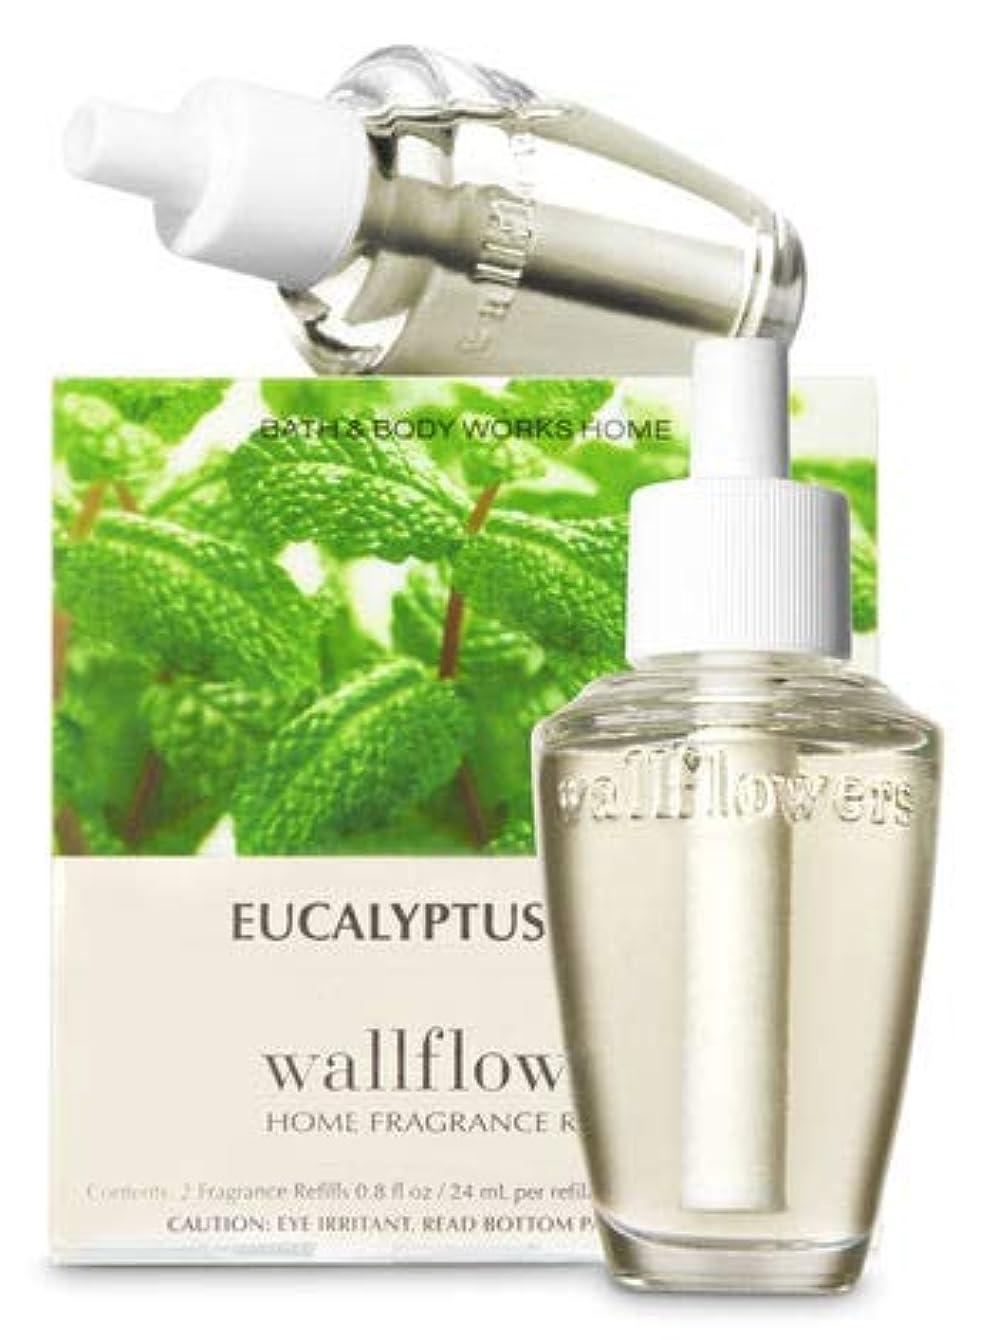 ローン敬礼慢【Bath&Body Works/バス&ボディワークス】 ホームフレグランス 詰替えリフィル(2個入り) ユーカリミント Wallflowers Home Fragrance 2-Pack Refills Eucalyptus Mint [並行輸入品]